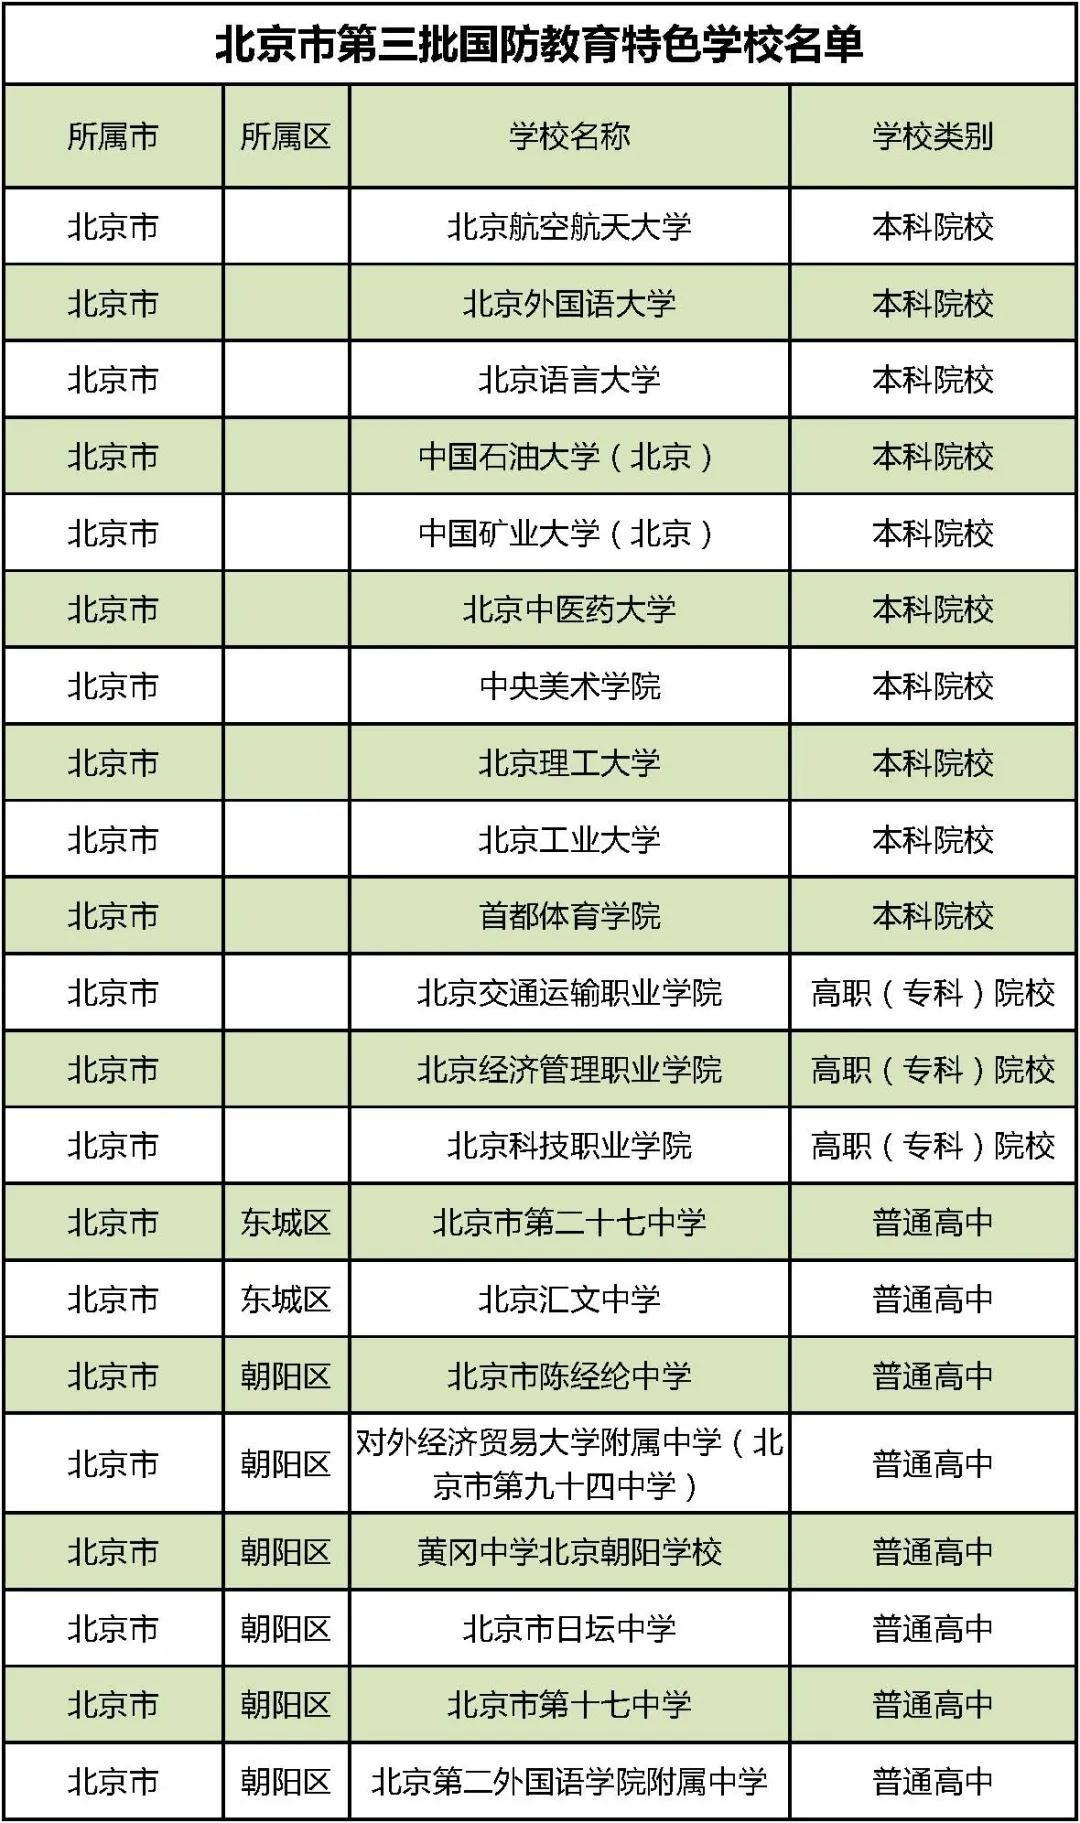 第三批国防教育特色学校名单公布 北京134所学校上榜图片